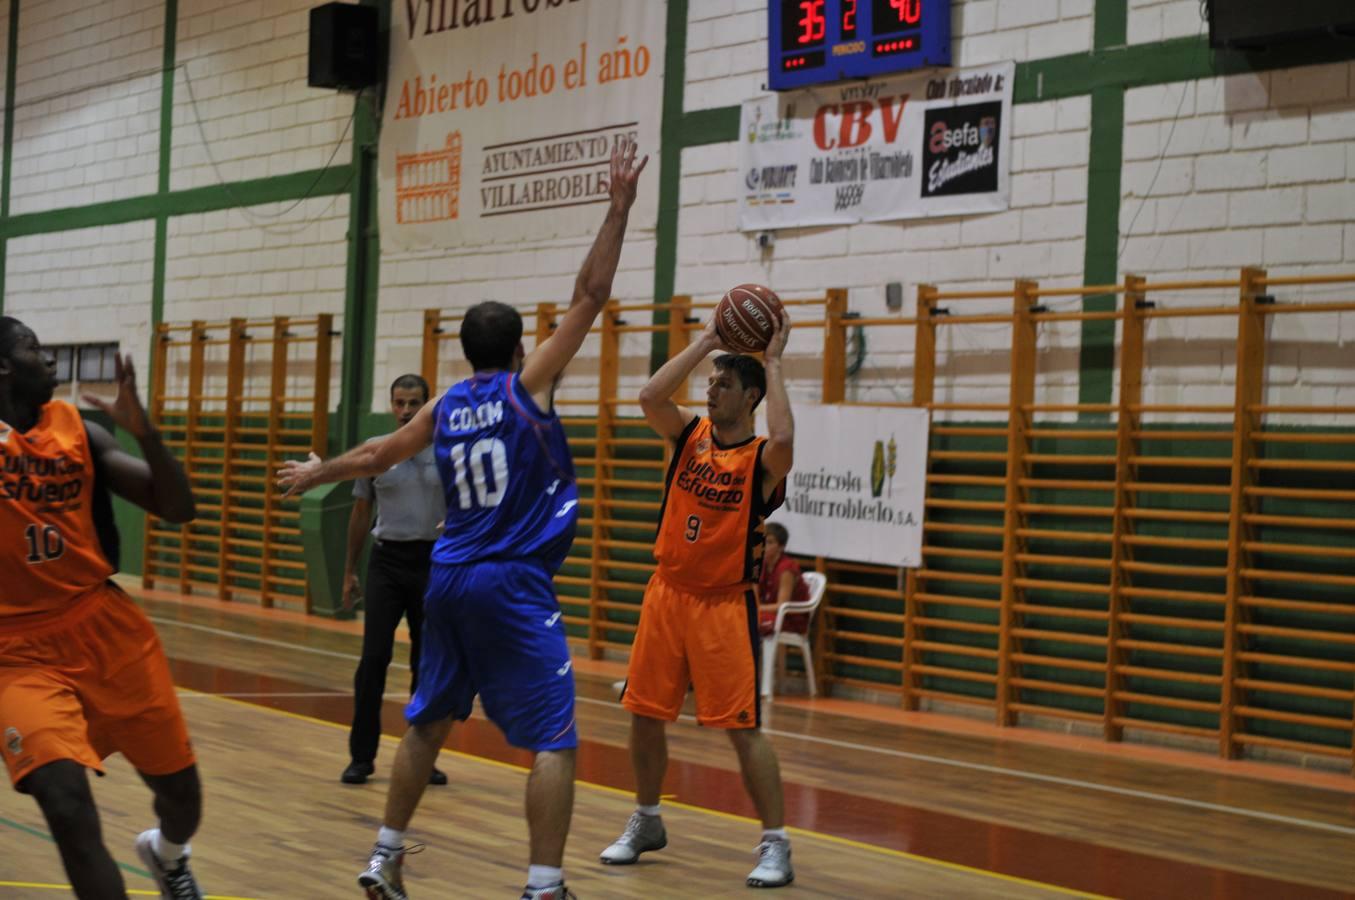 Amistoso en Villarobledo entre Valencia Basket-Estudiantes